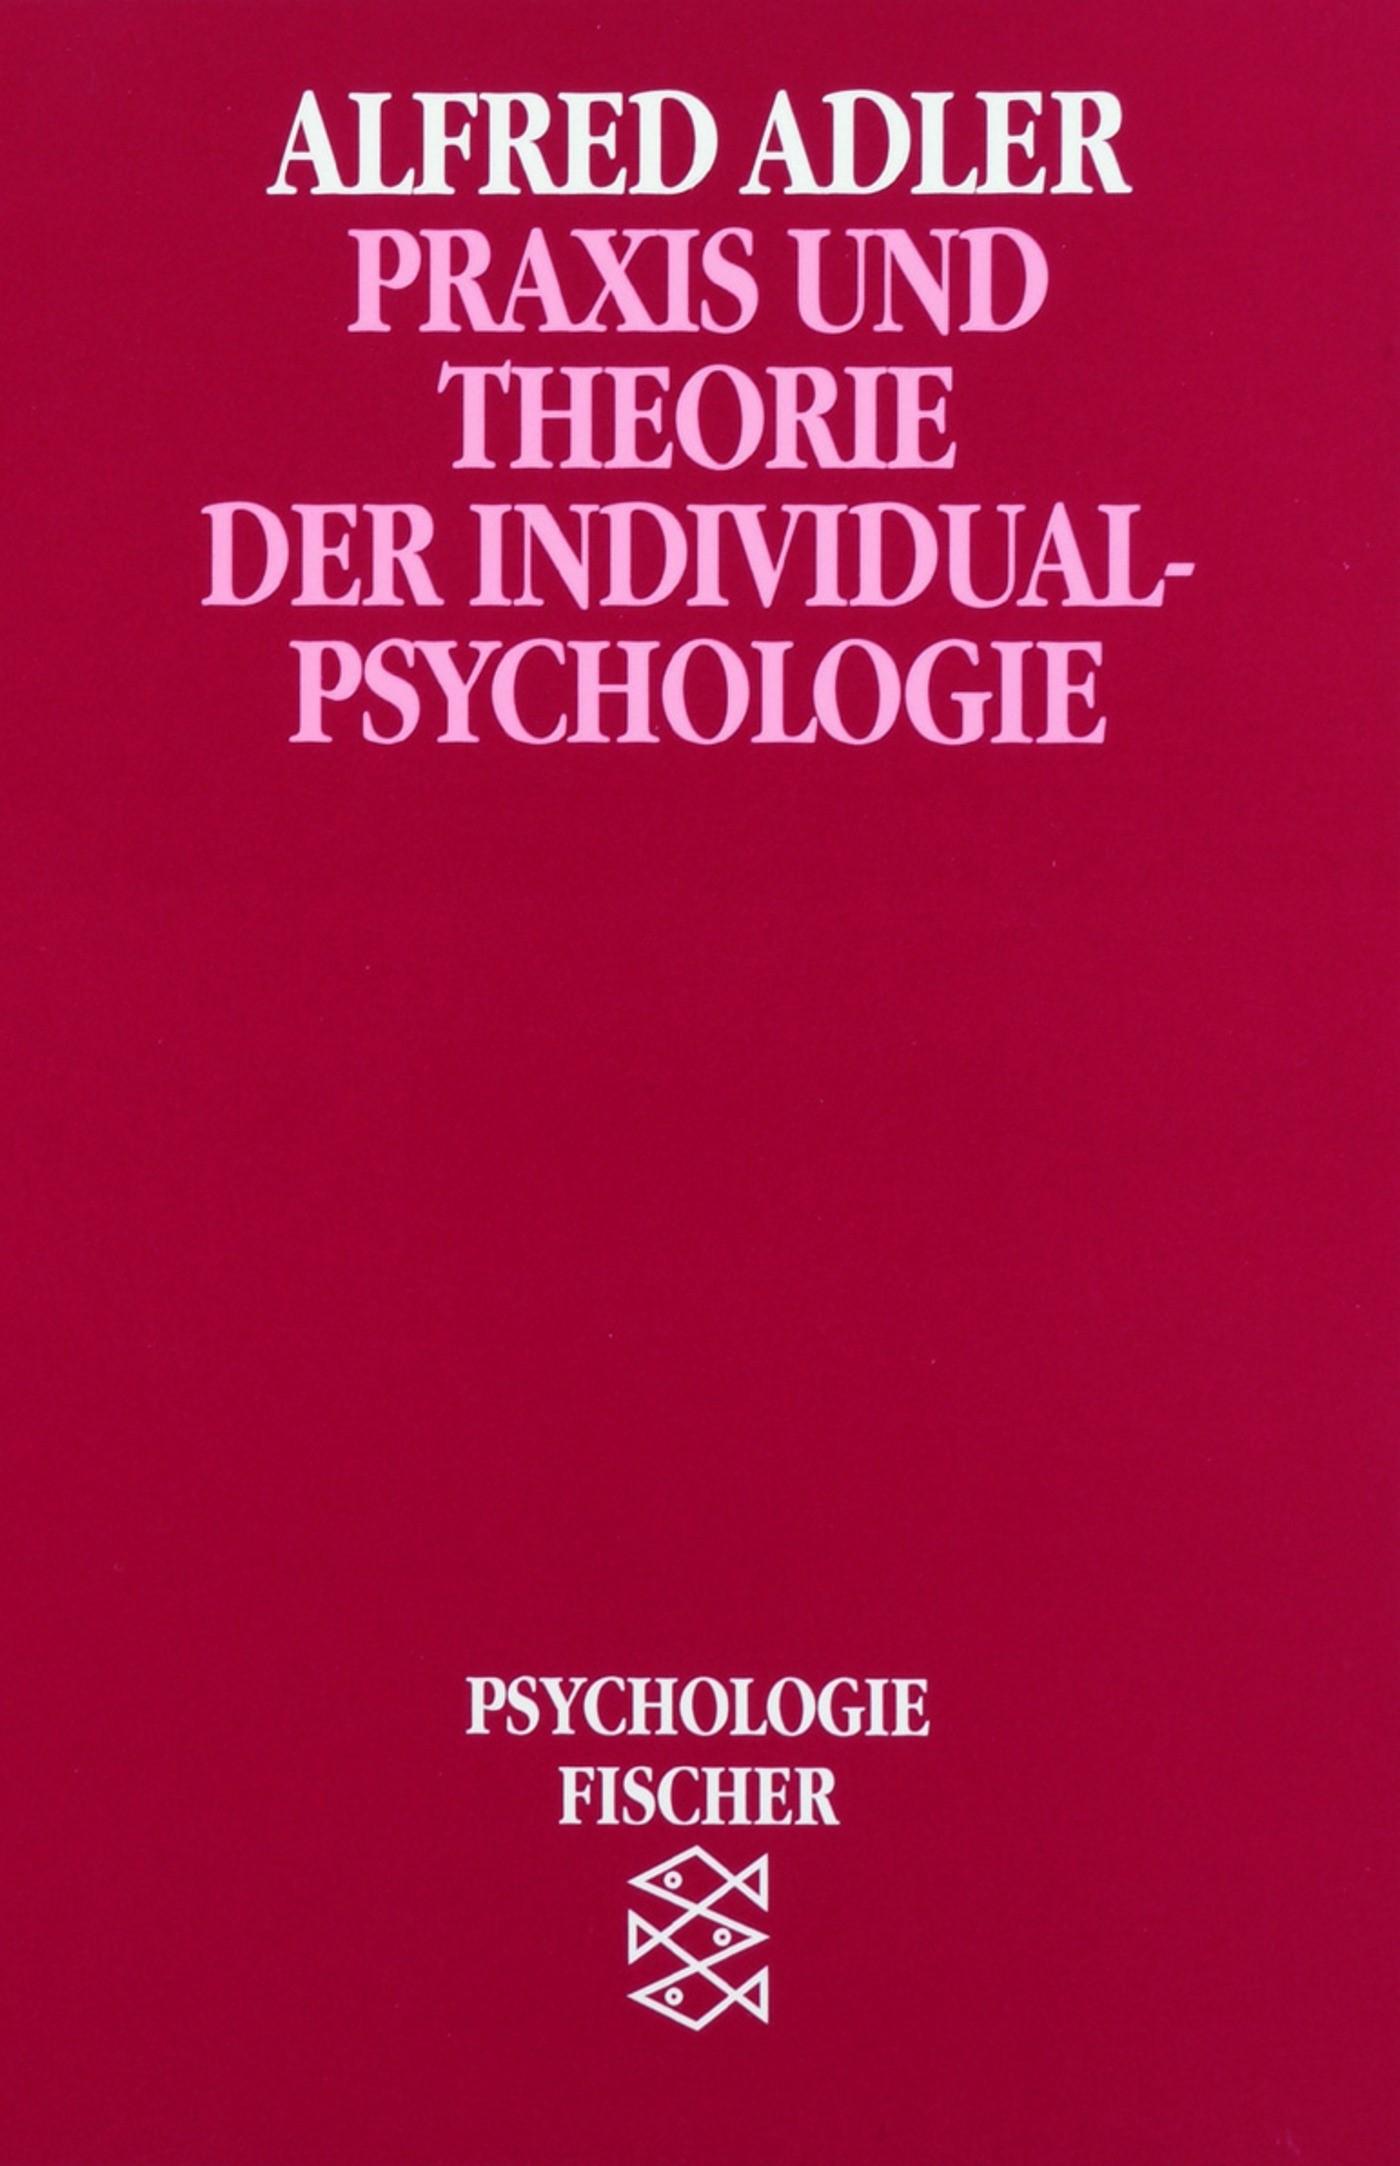 Praxis und Theorie der Individualpsychologie | Adler, 1974 | Buch (Cover)